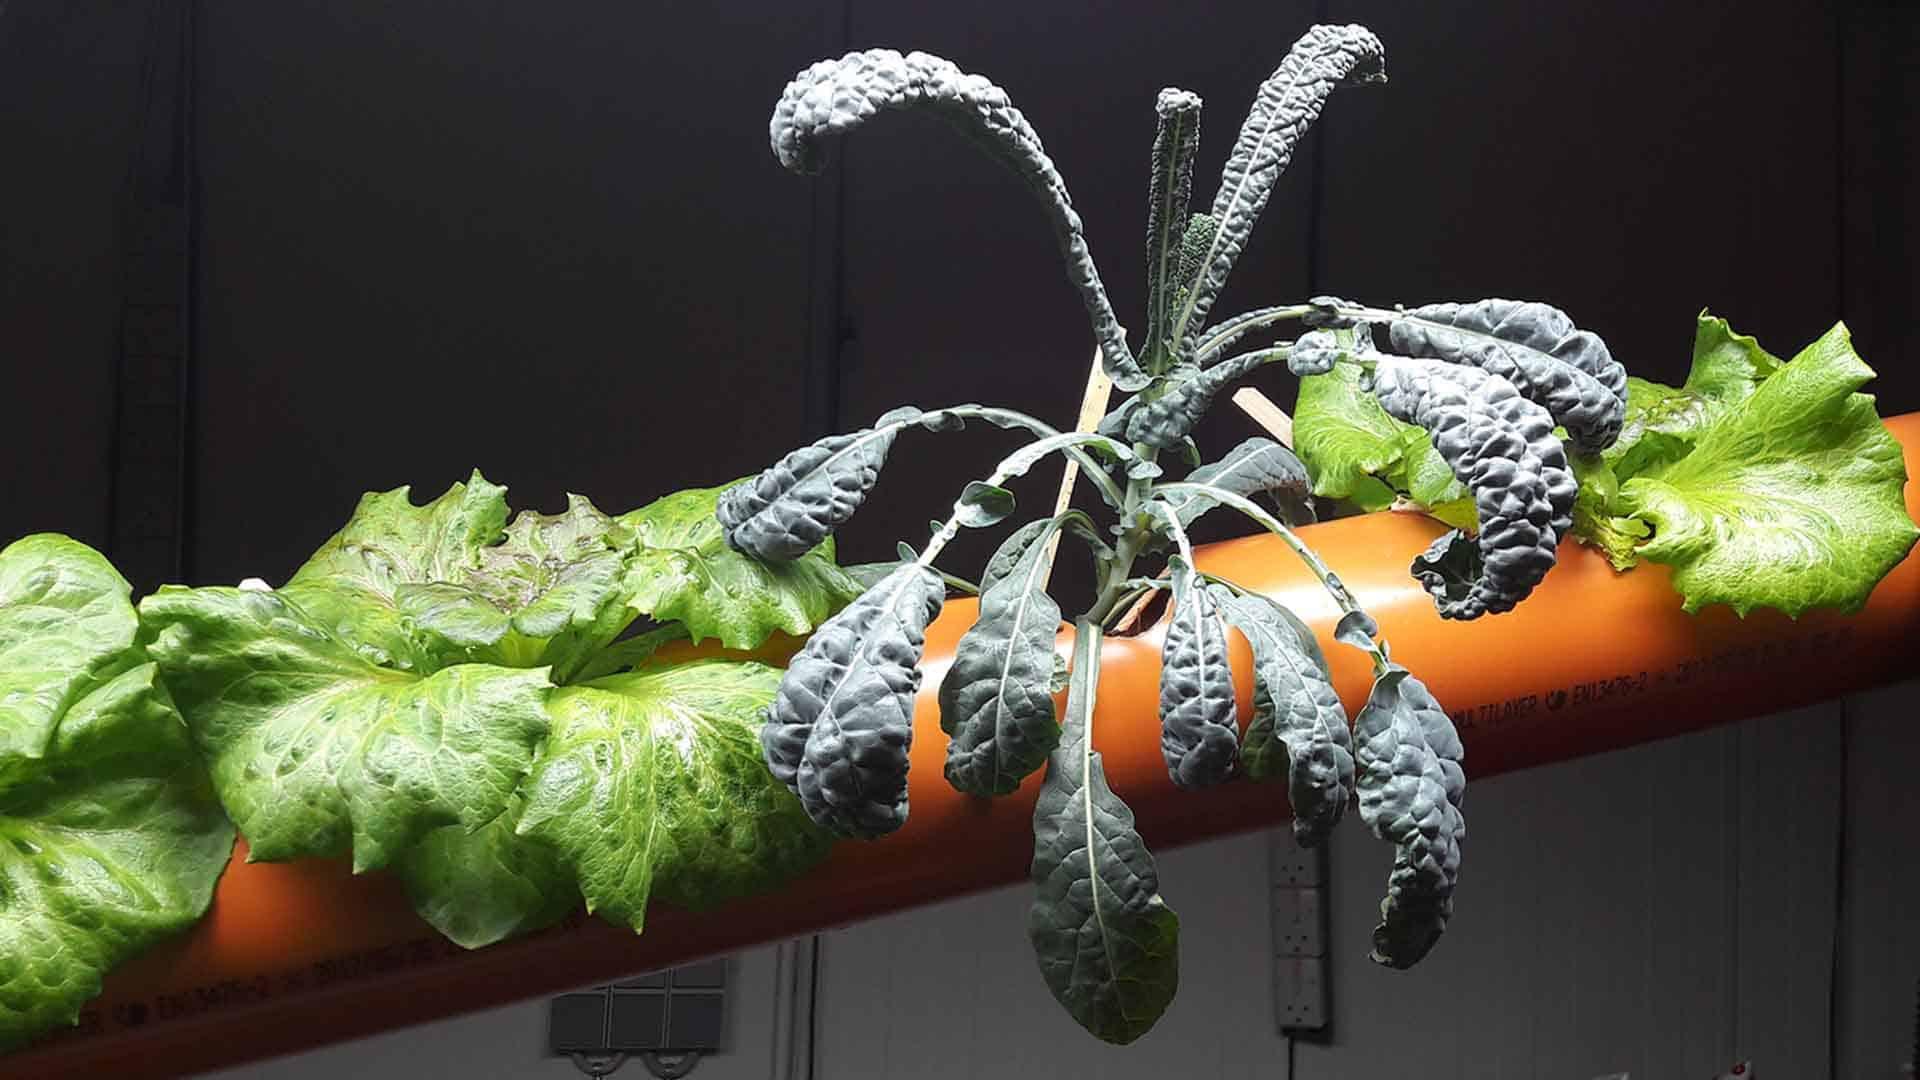 pvc pipe resue urban agriculture